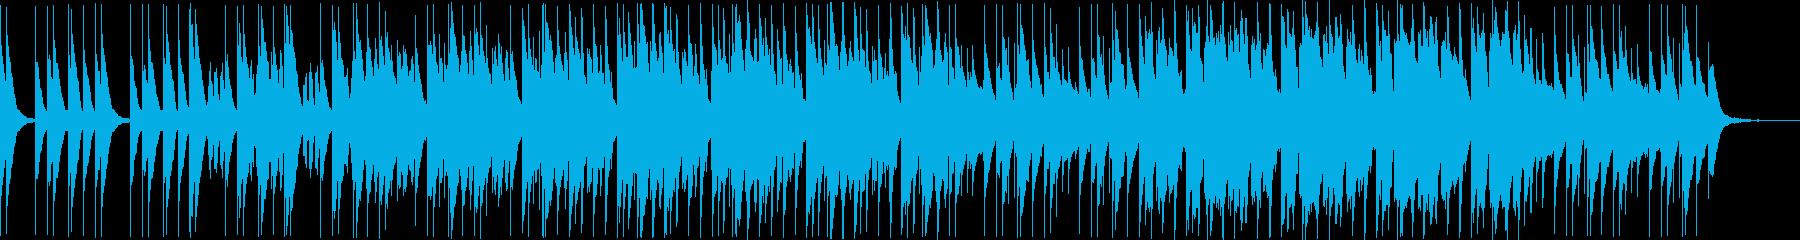 シネマティック 押しつけがましい ...の再生済みの波形